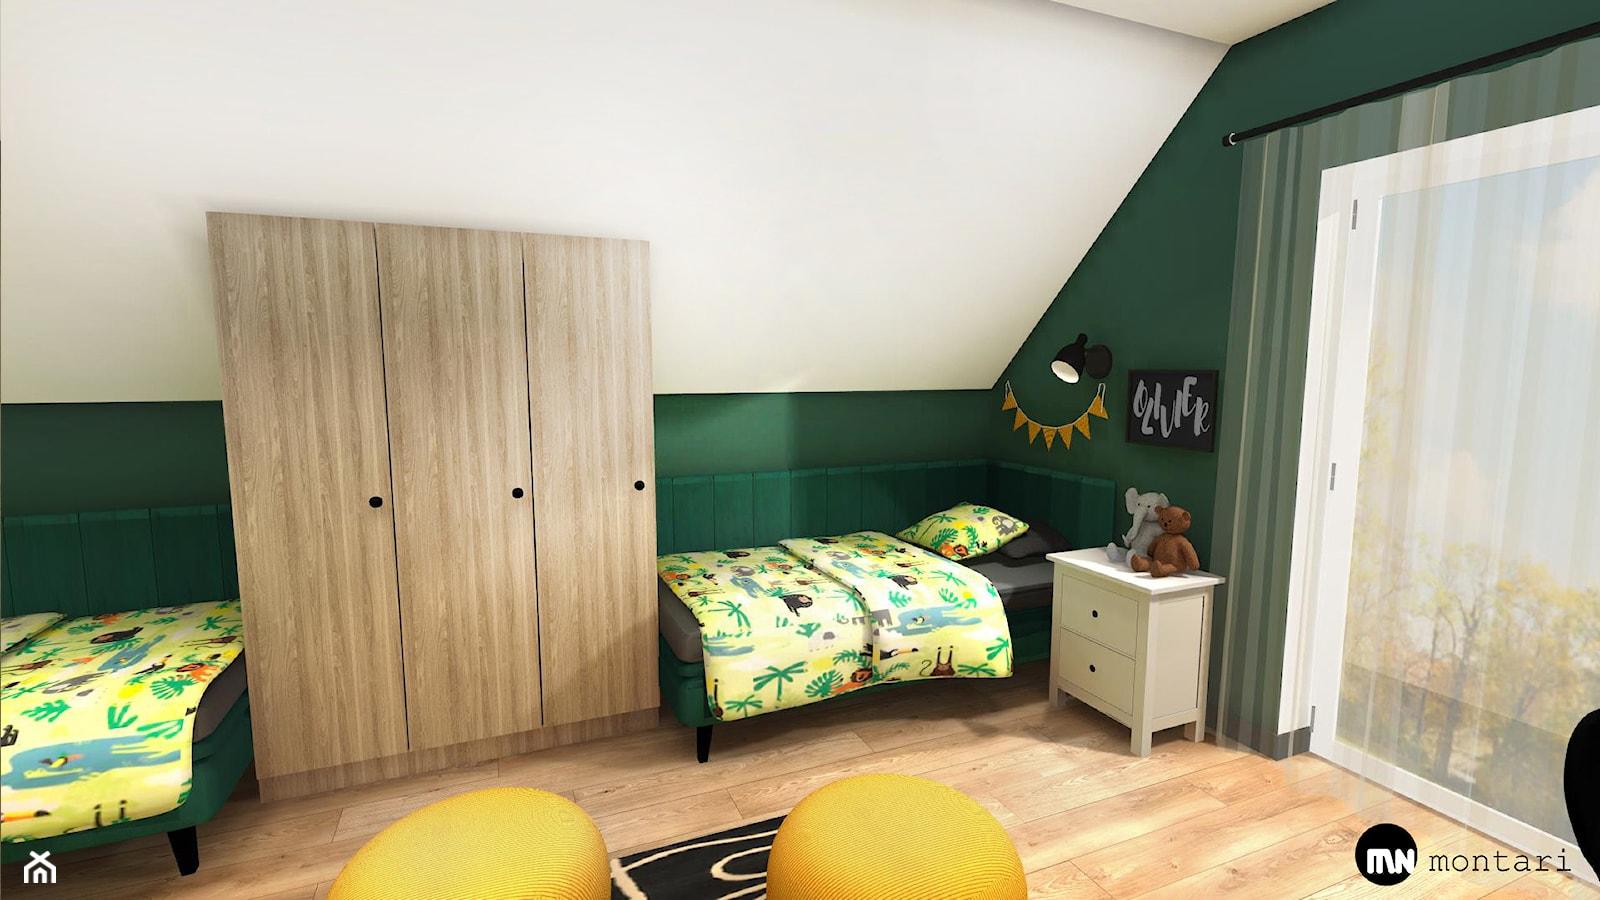 Pokój dziecięcy - Pokój dziecka, styl nowoczesny - zdjęcie od MONTARI - Homebook